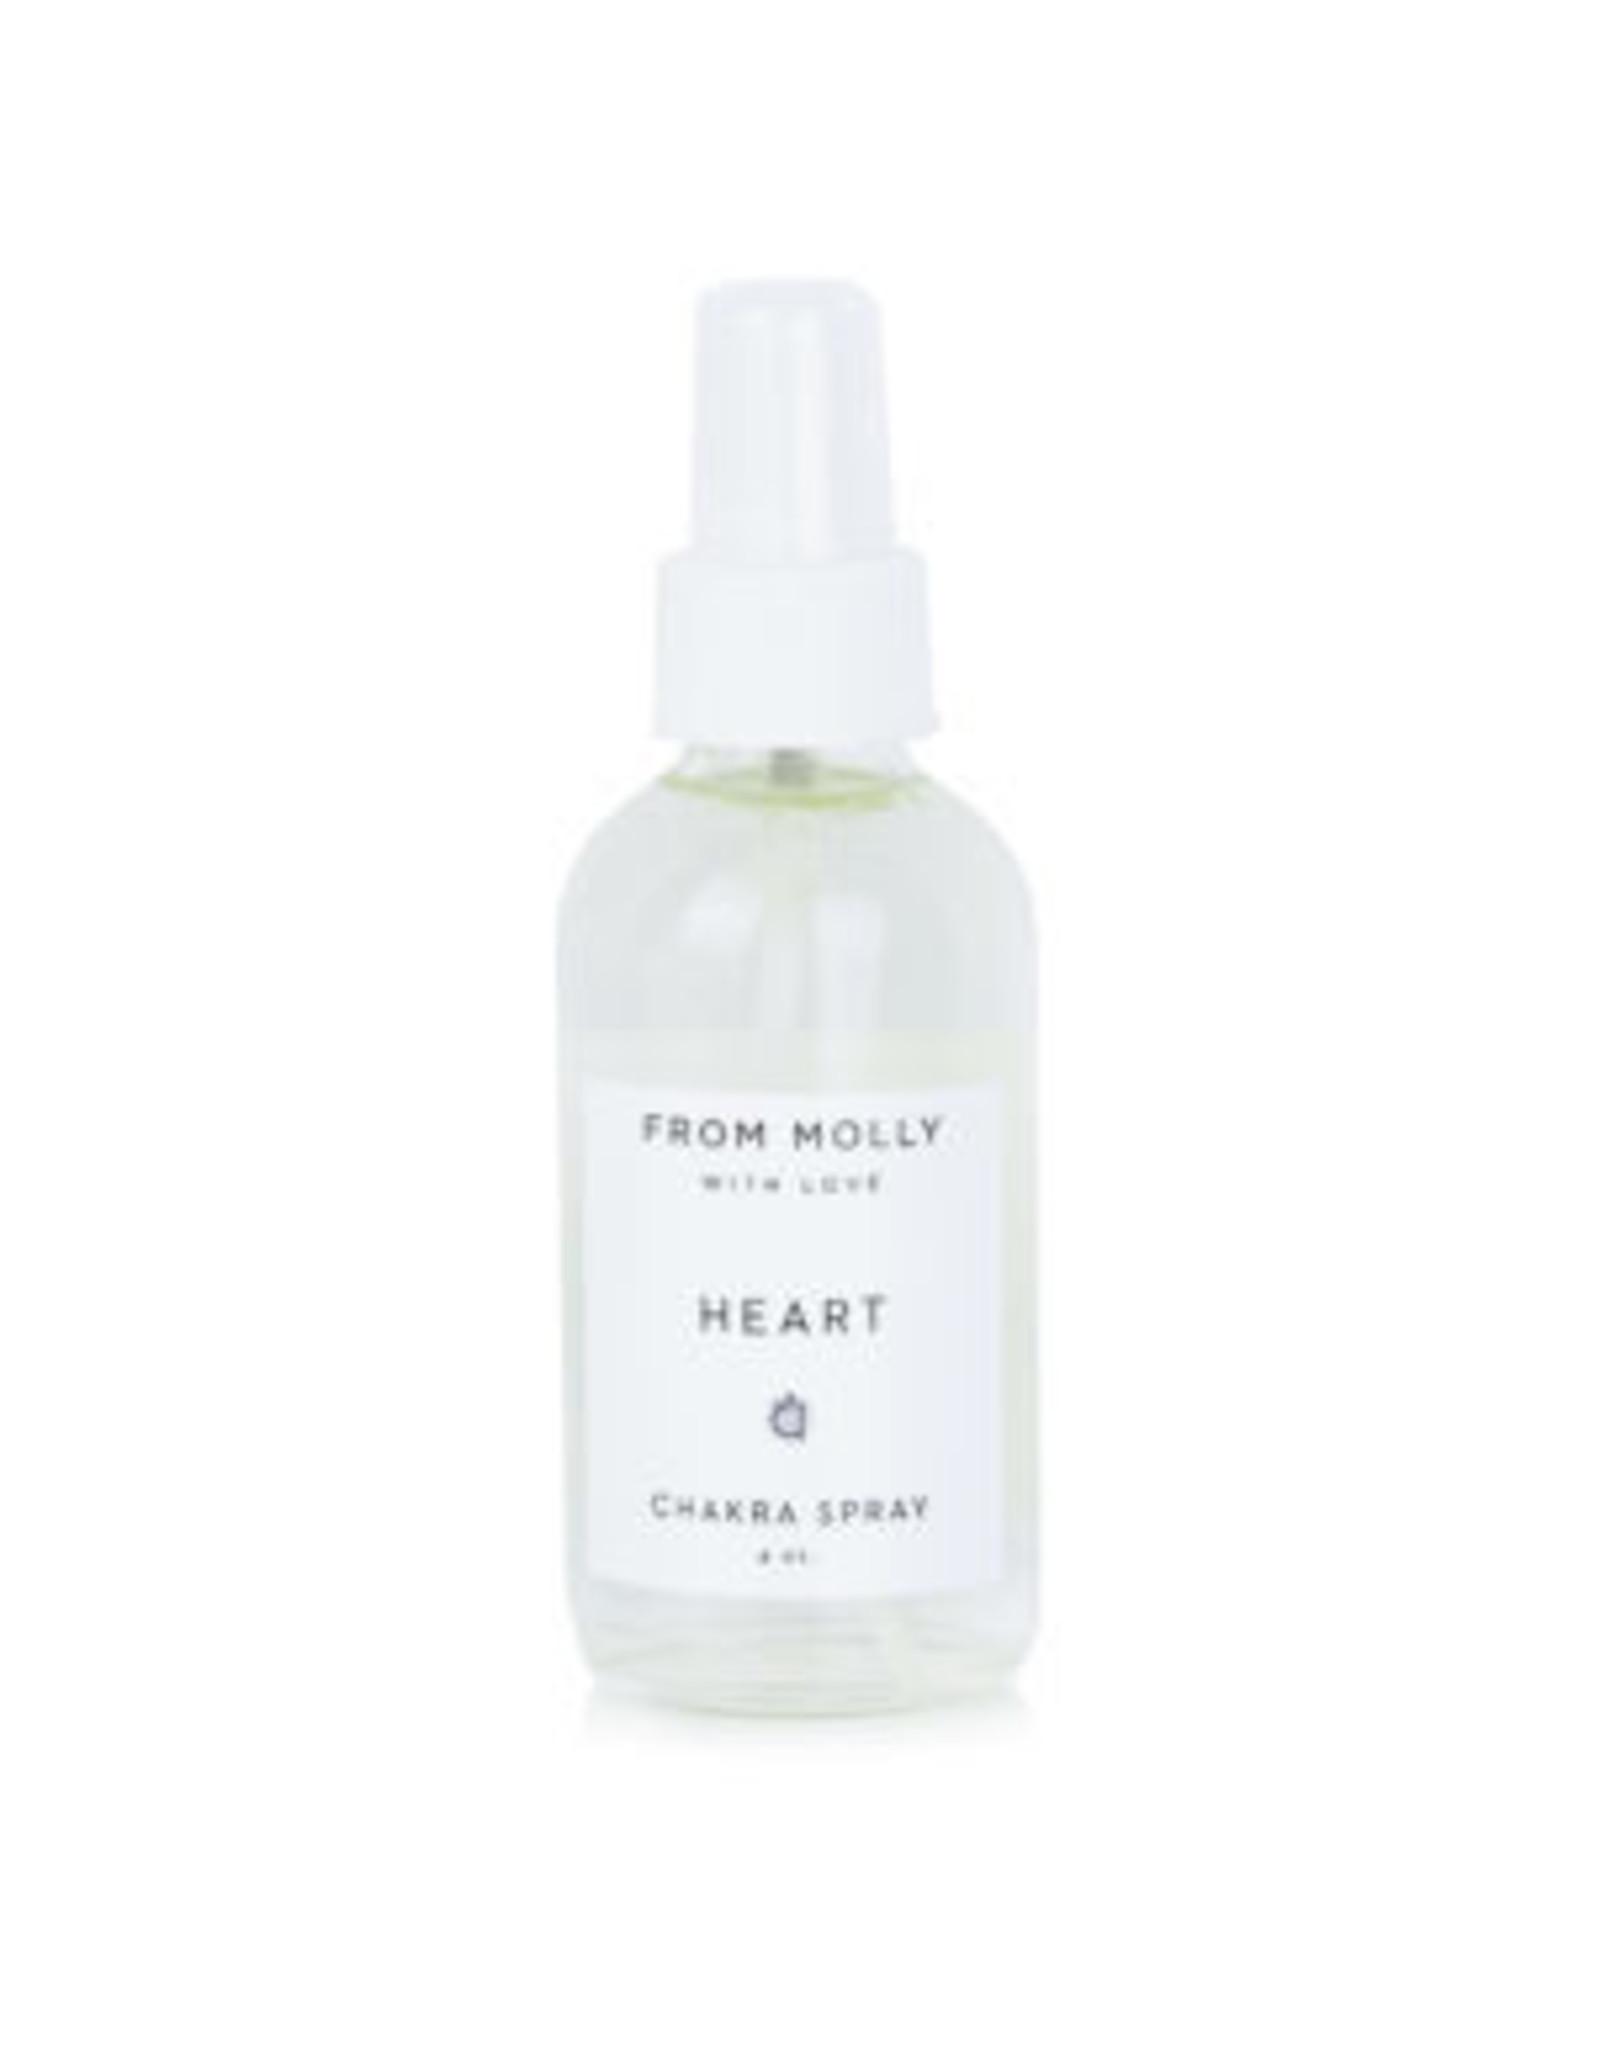 From Molly With Love - Chakra Spray/ Heart